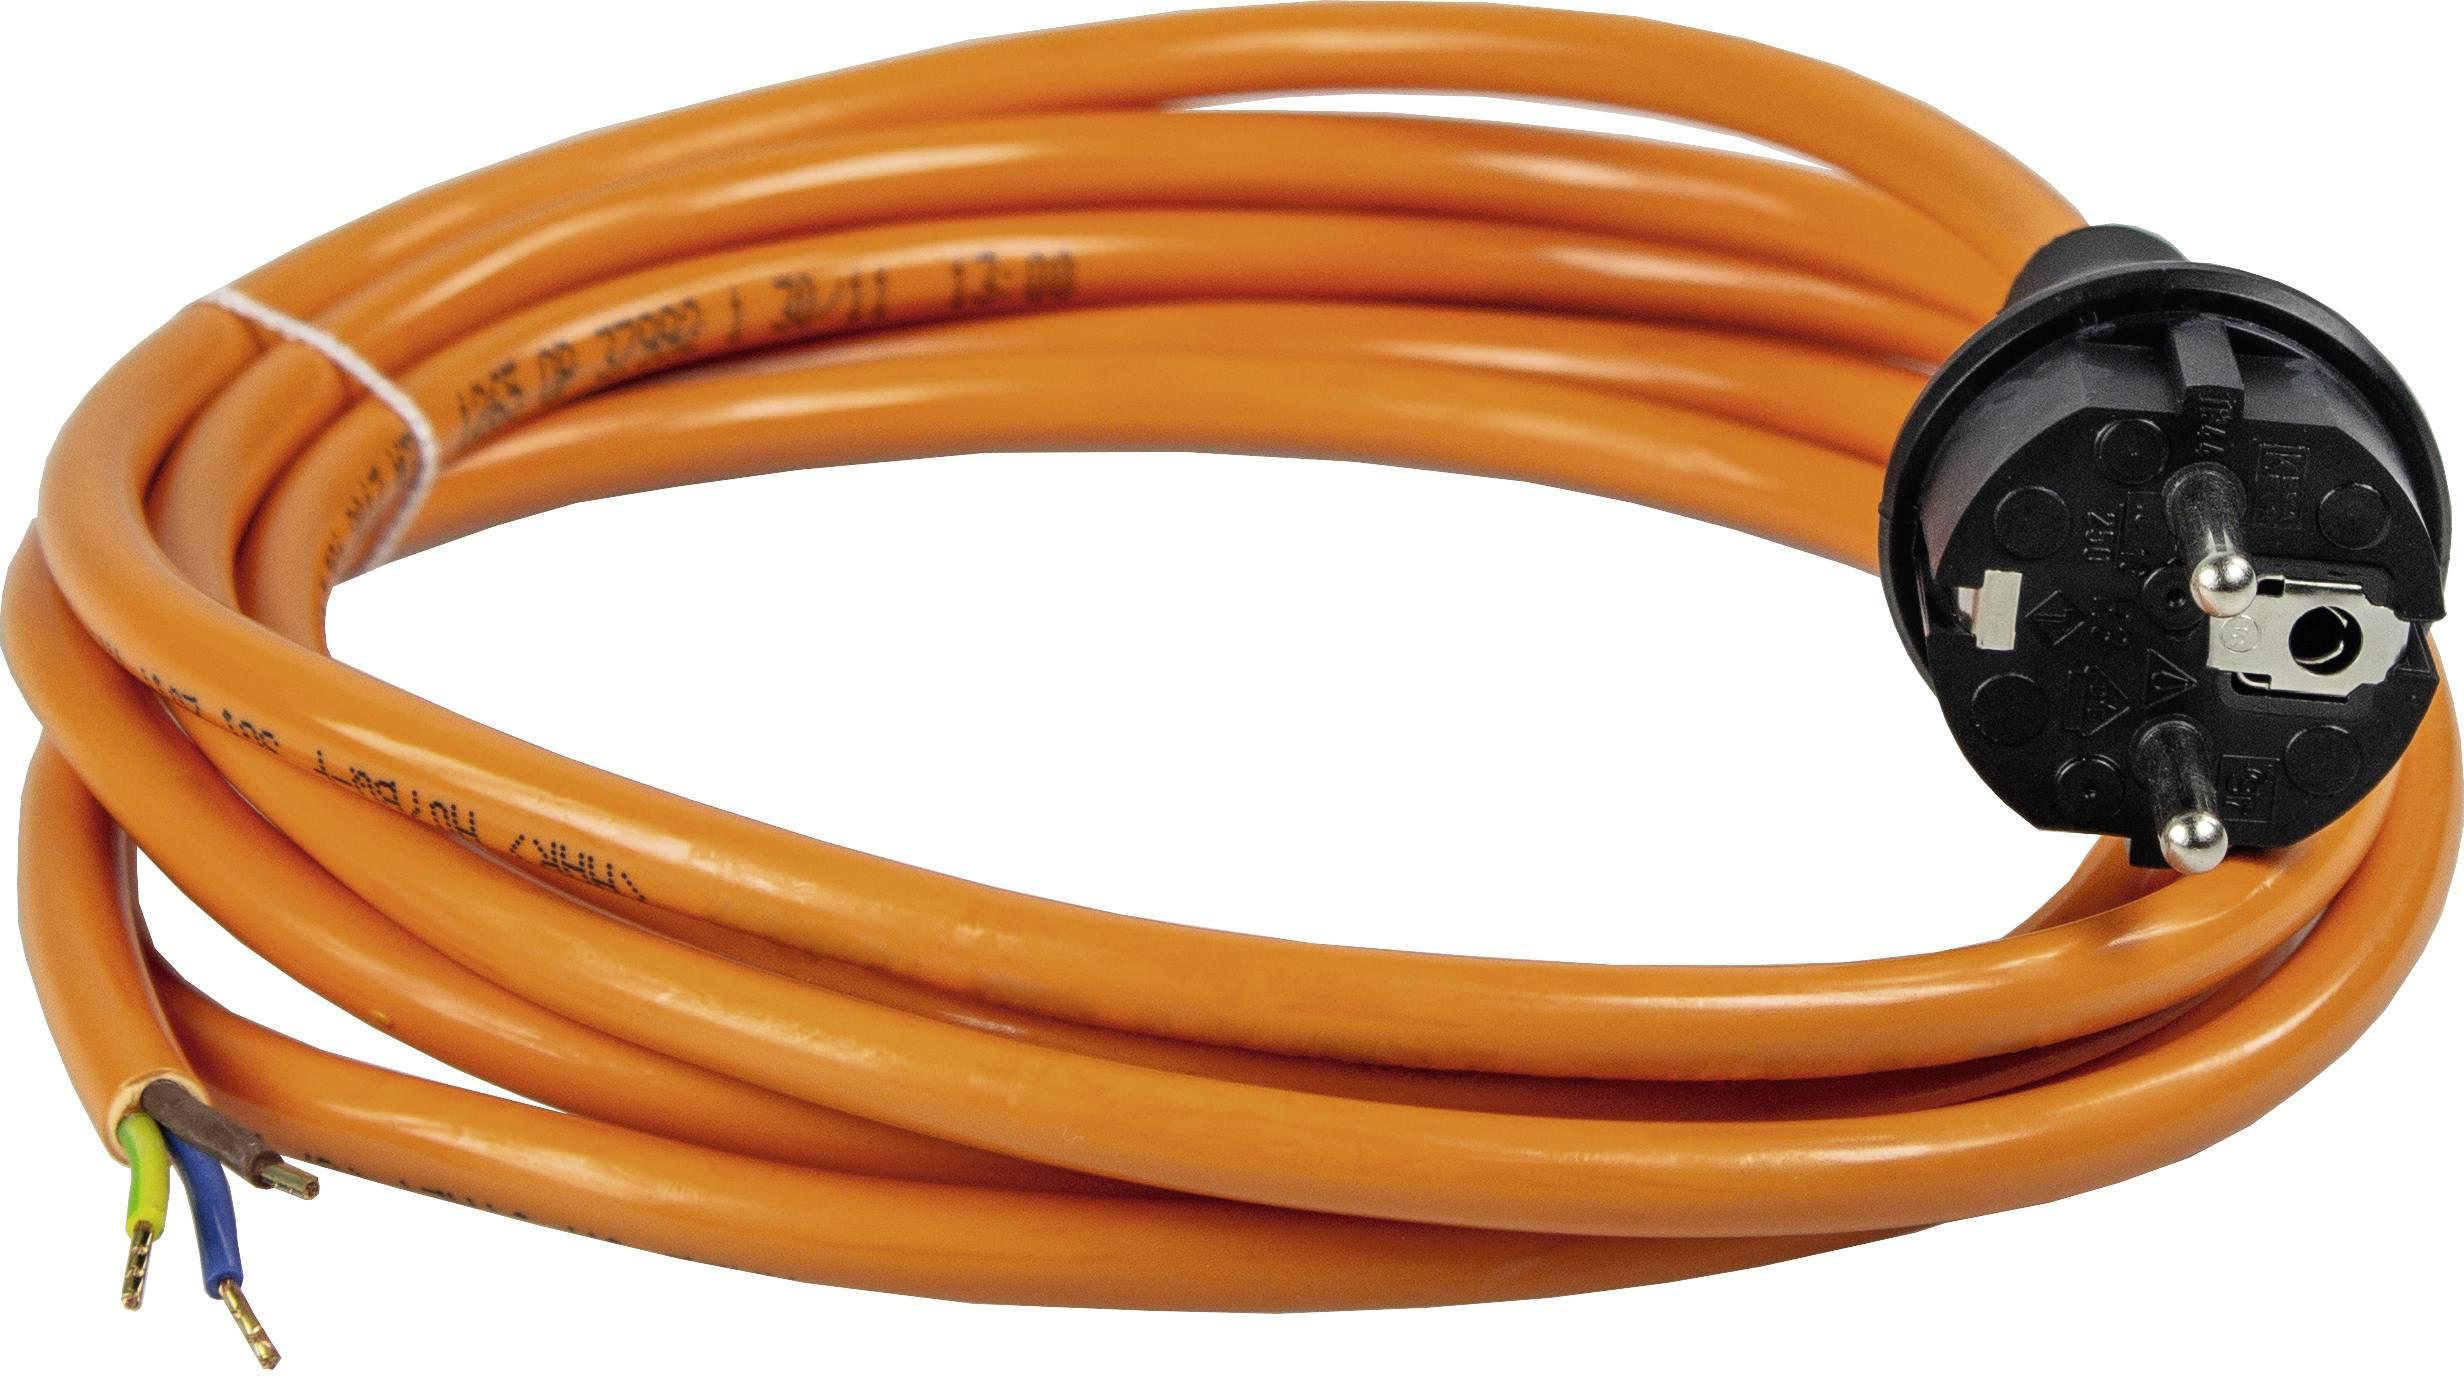 Síťový kabel AS Schwabe 70909, zástrčka/otevřený konec, 1,5 mm², 3 m, oranžová